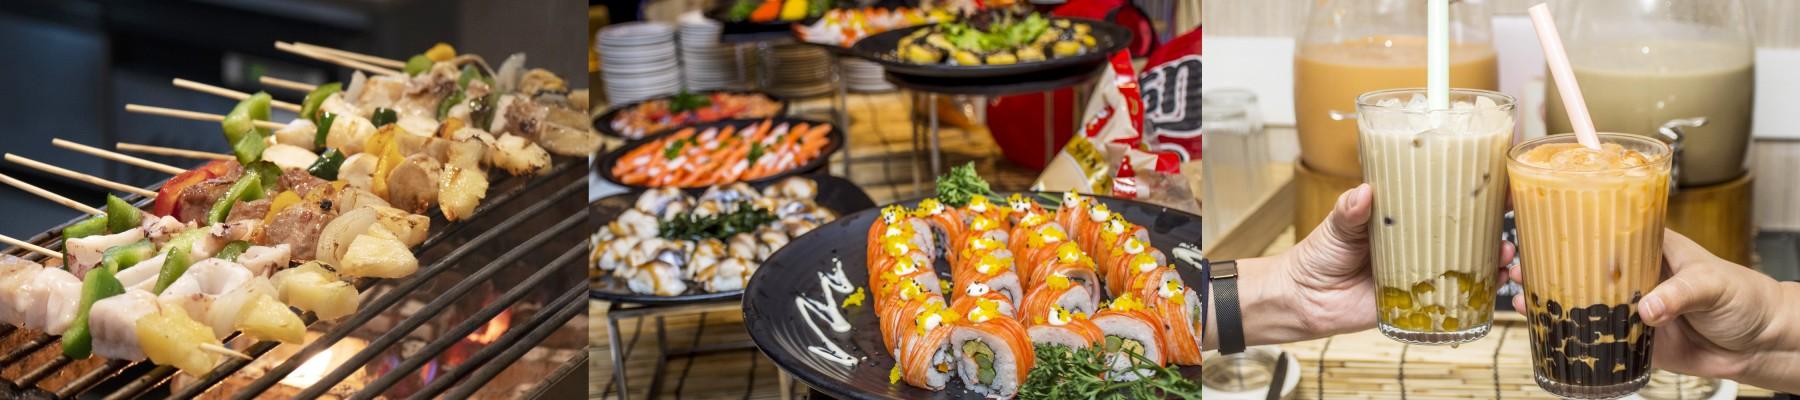 Seafood Buffet in Bangkok